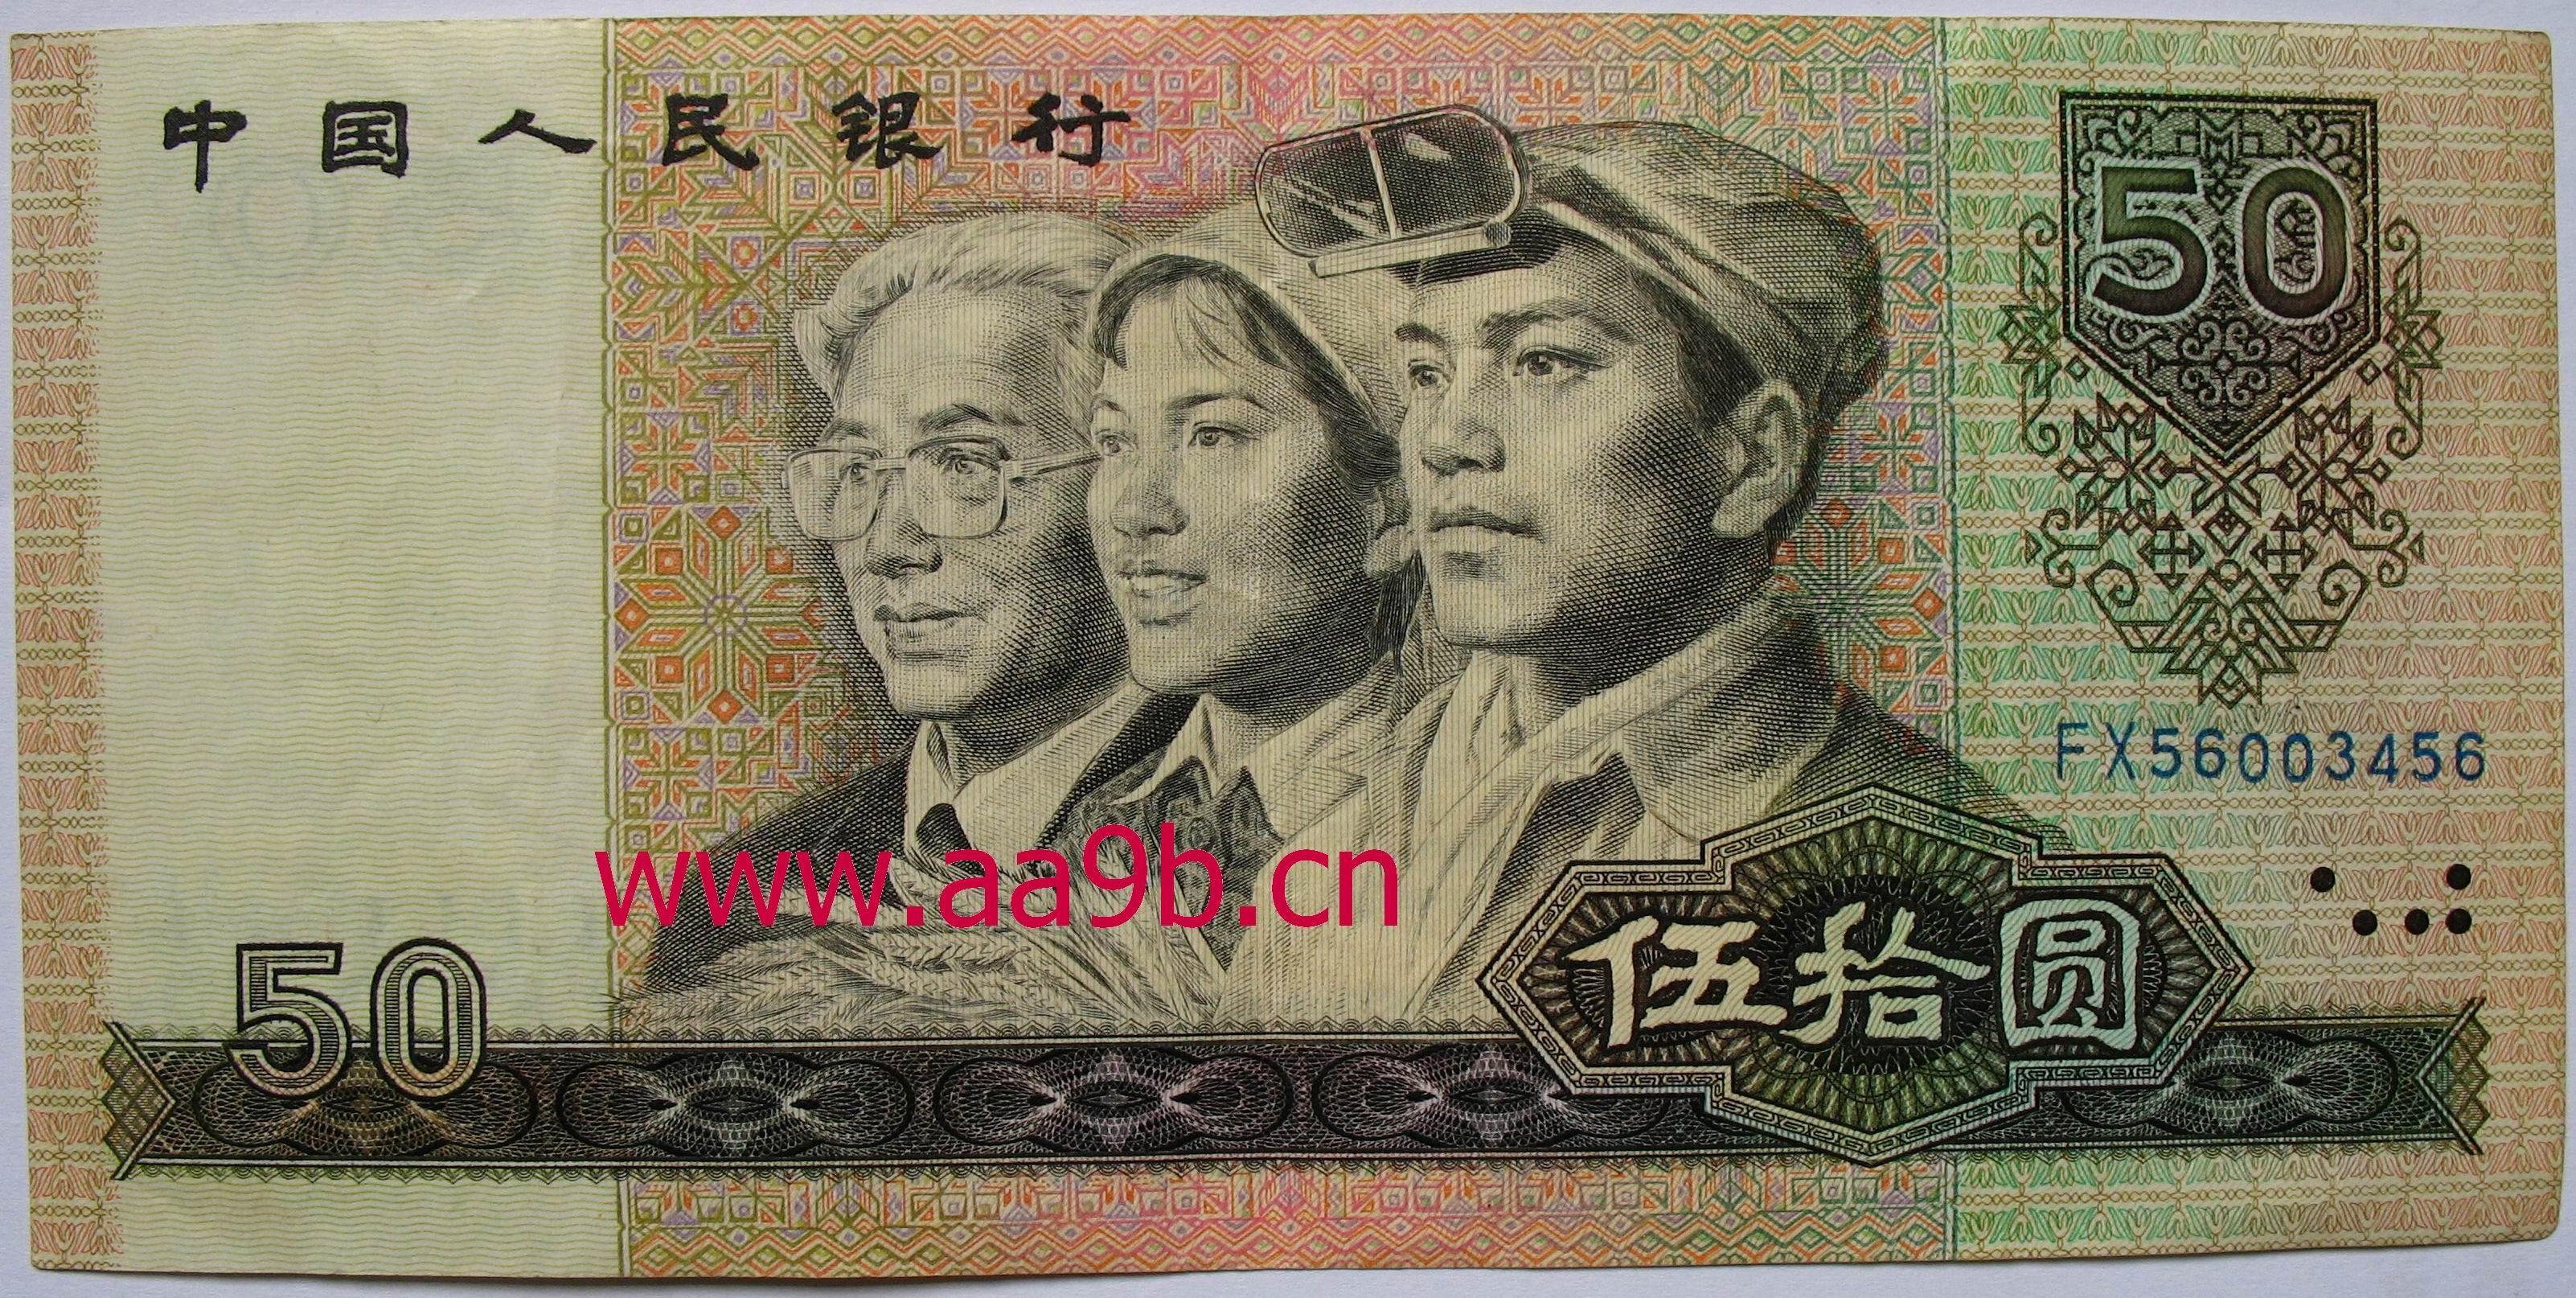 50元人民币图片_出售90版50元水印倒置错版人民币